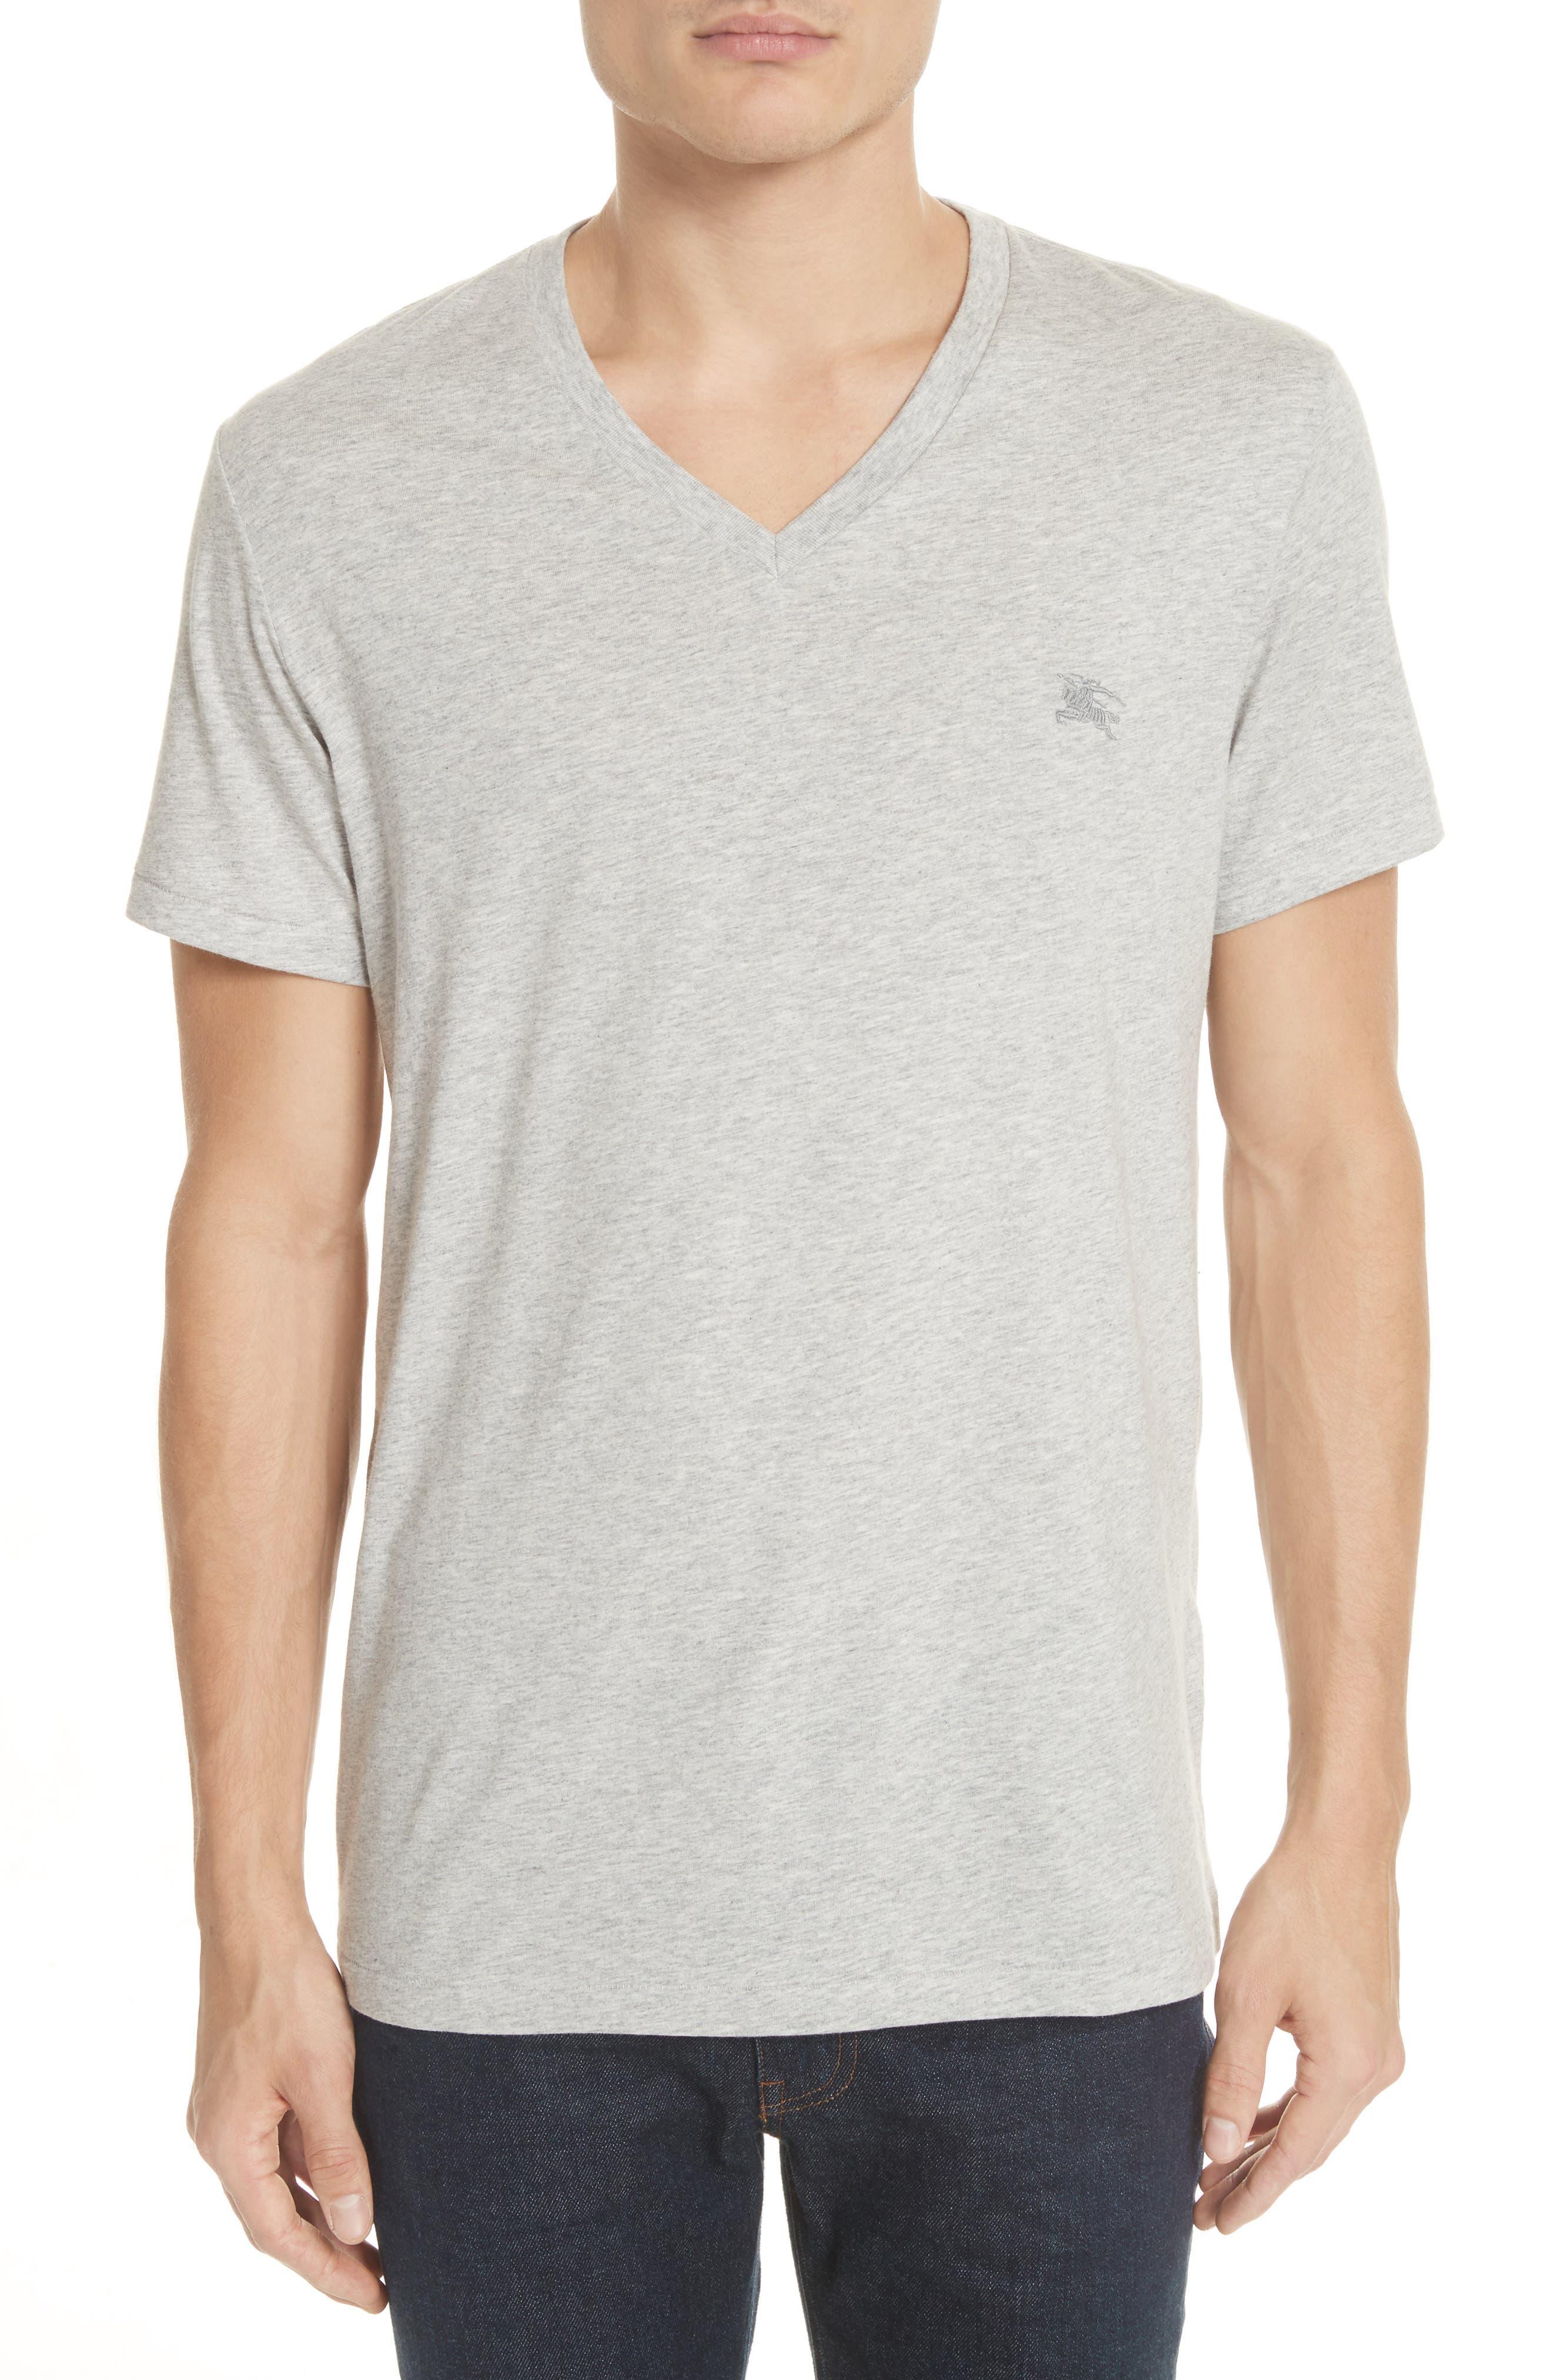 Jadforth V-Neck T-Shirt,                             Main thumbnail 1, color,                             PALE GREY MELANGE